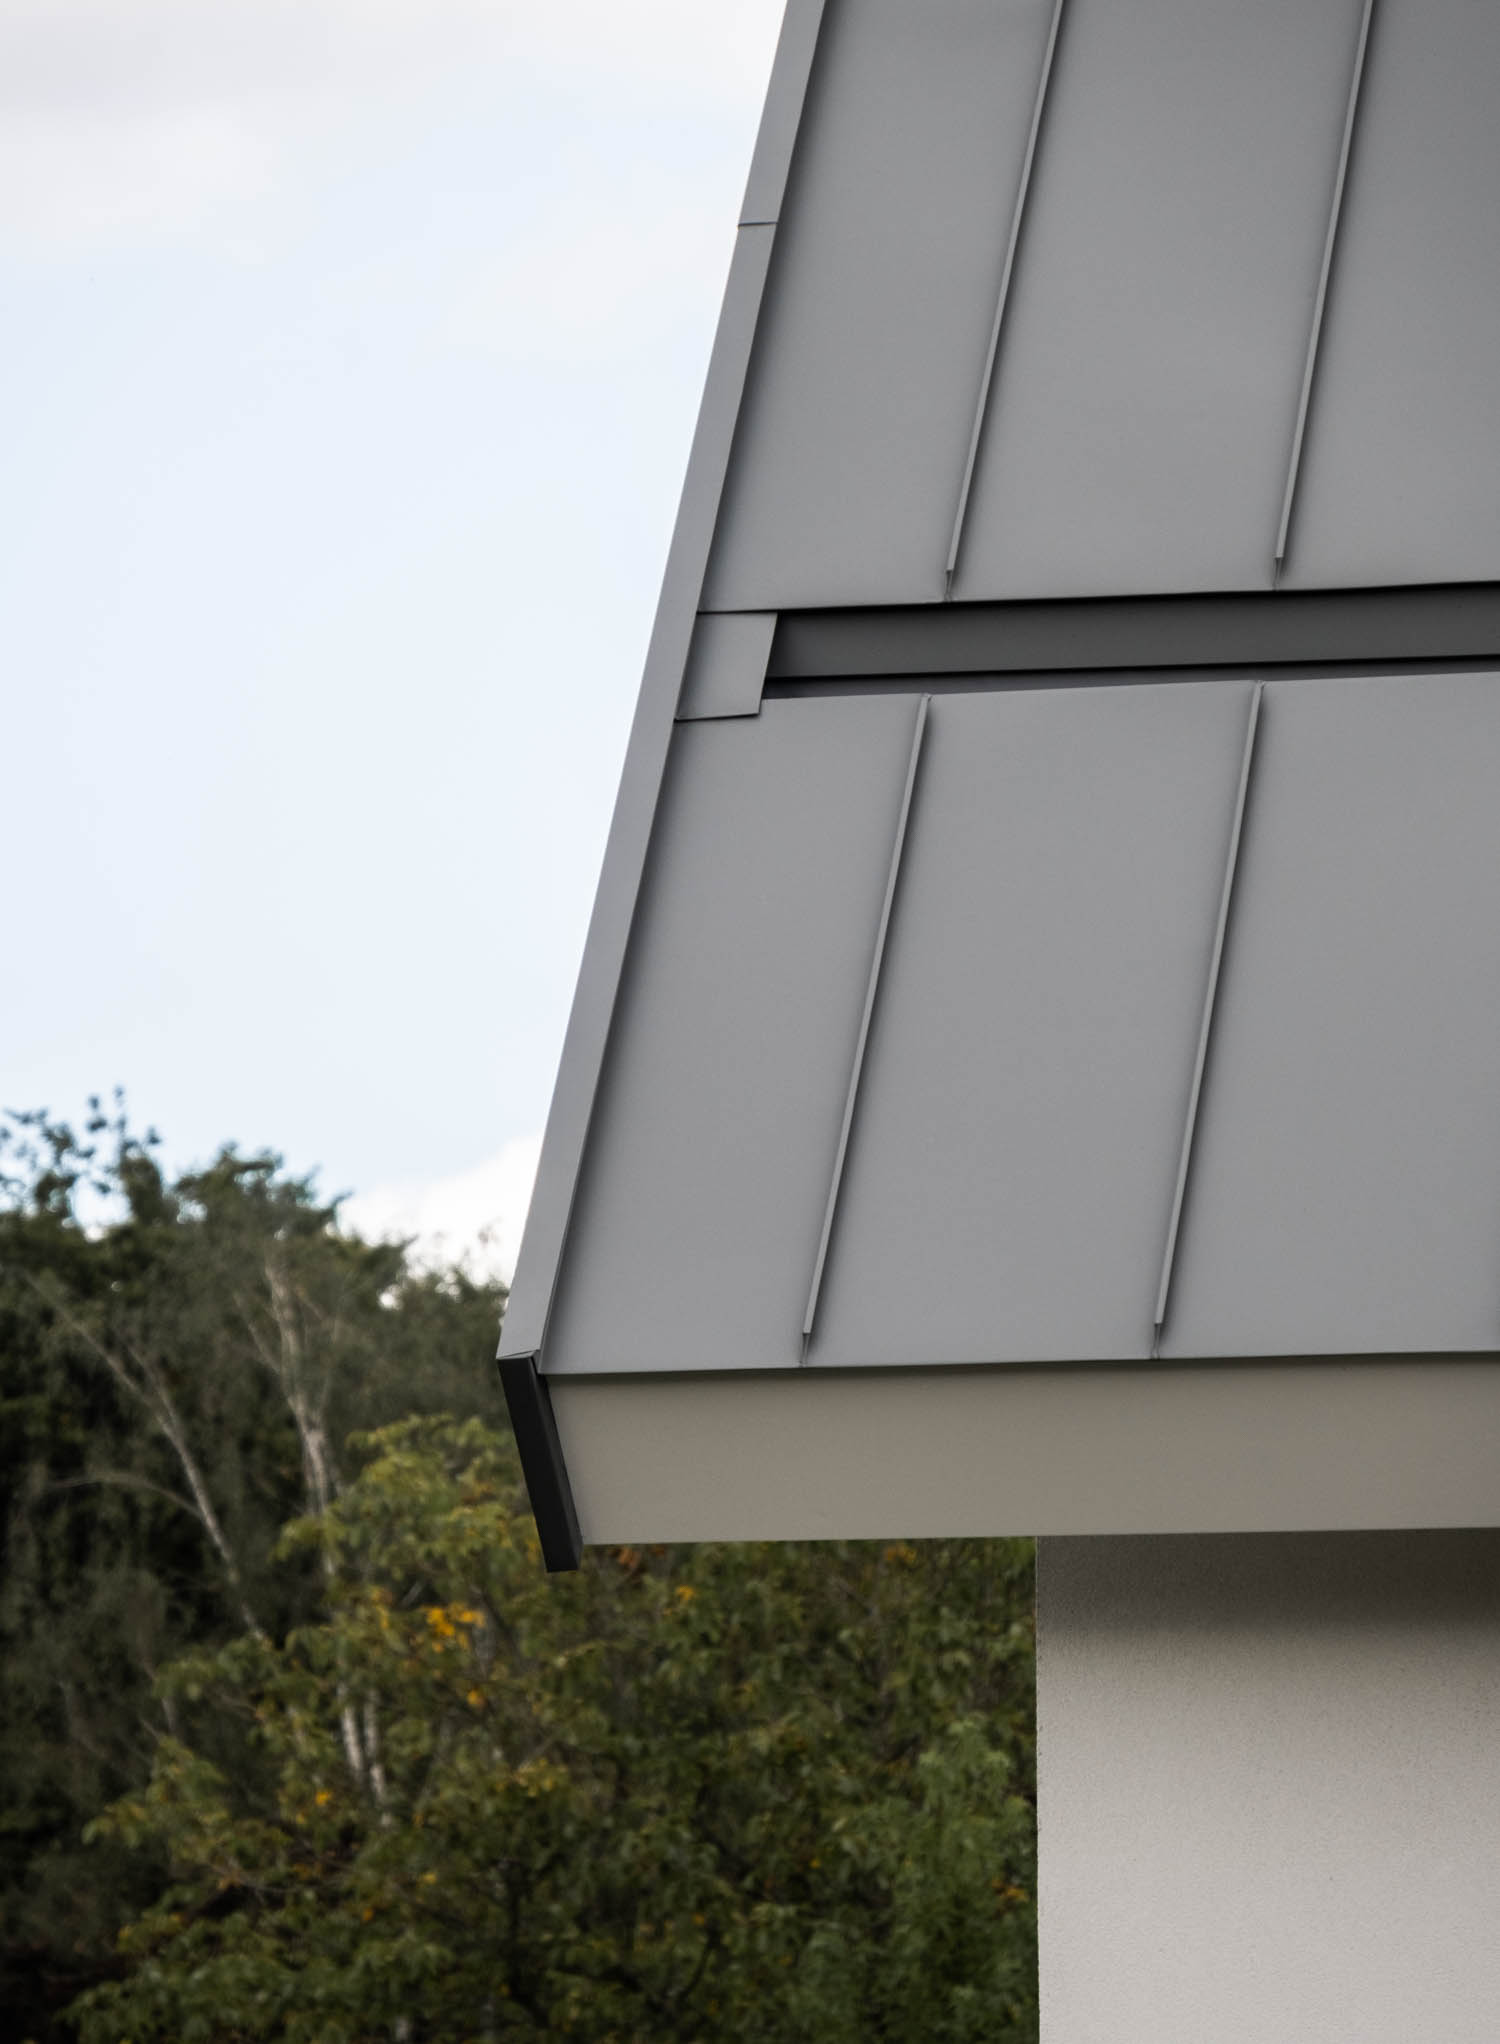 van-os-architecten-breda-nieuwbouw-woning-in-gevelstucwerk-en-stalen-dak-hoge-gouw-teteringen-detail-atalen-fels-dak